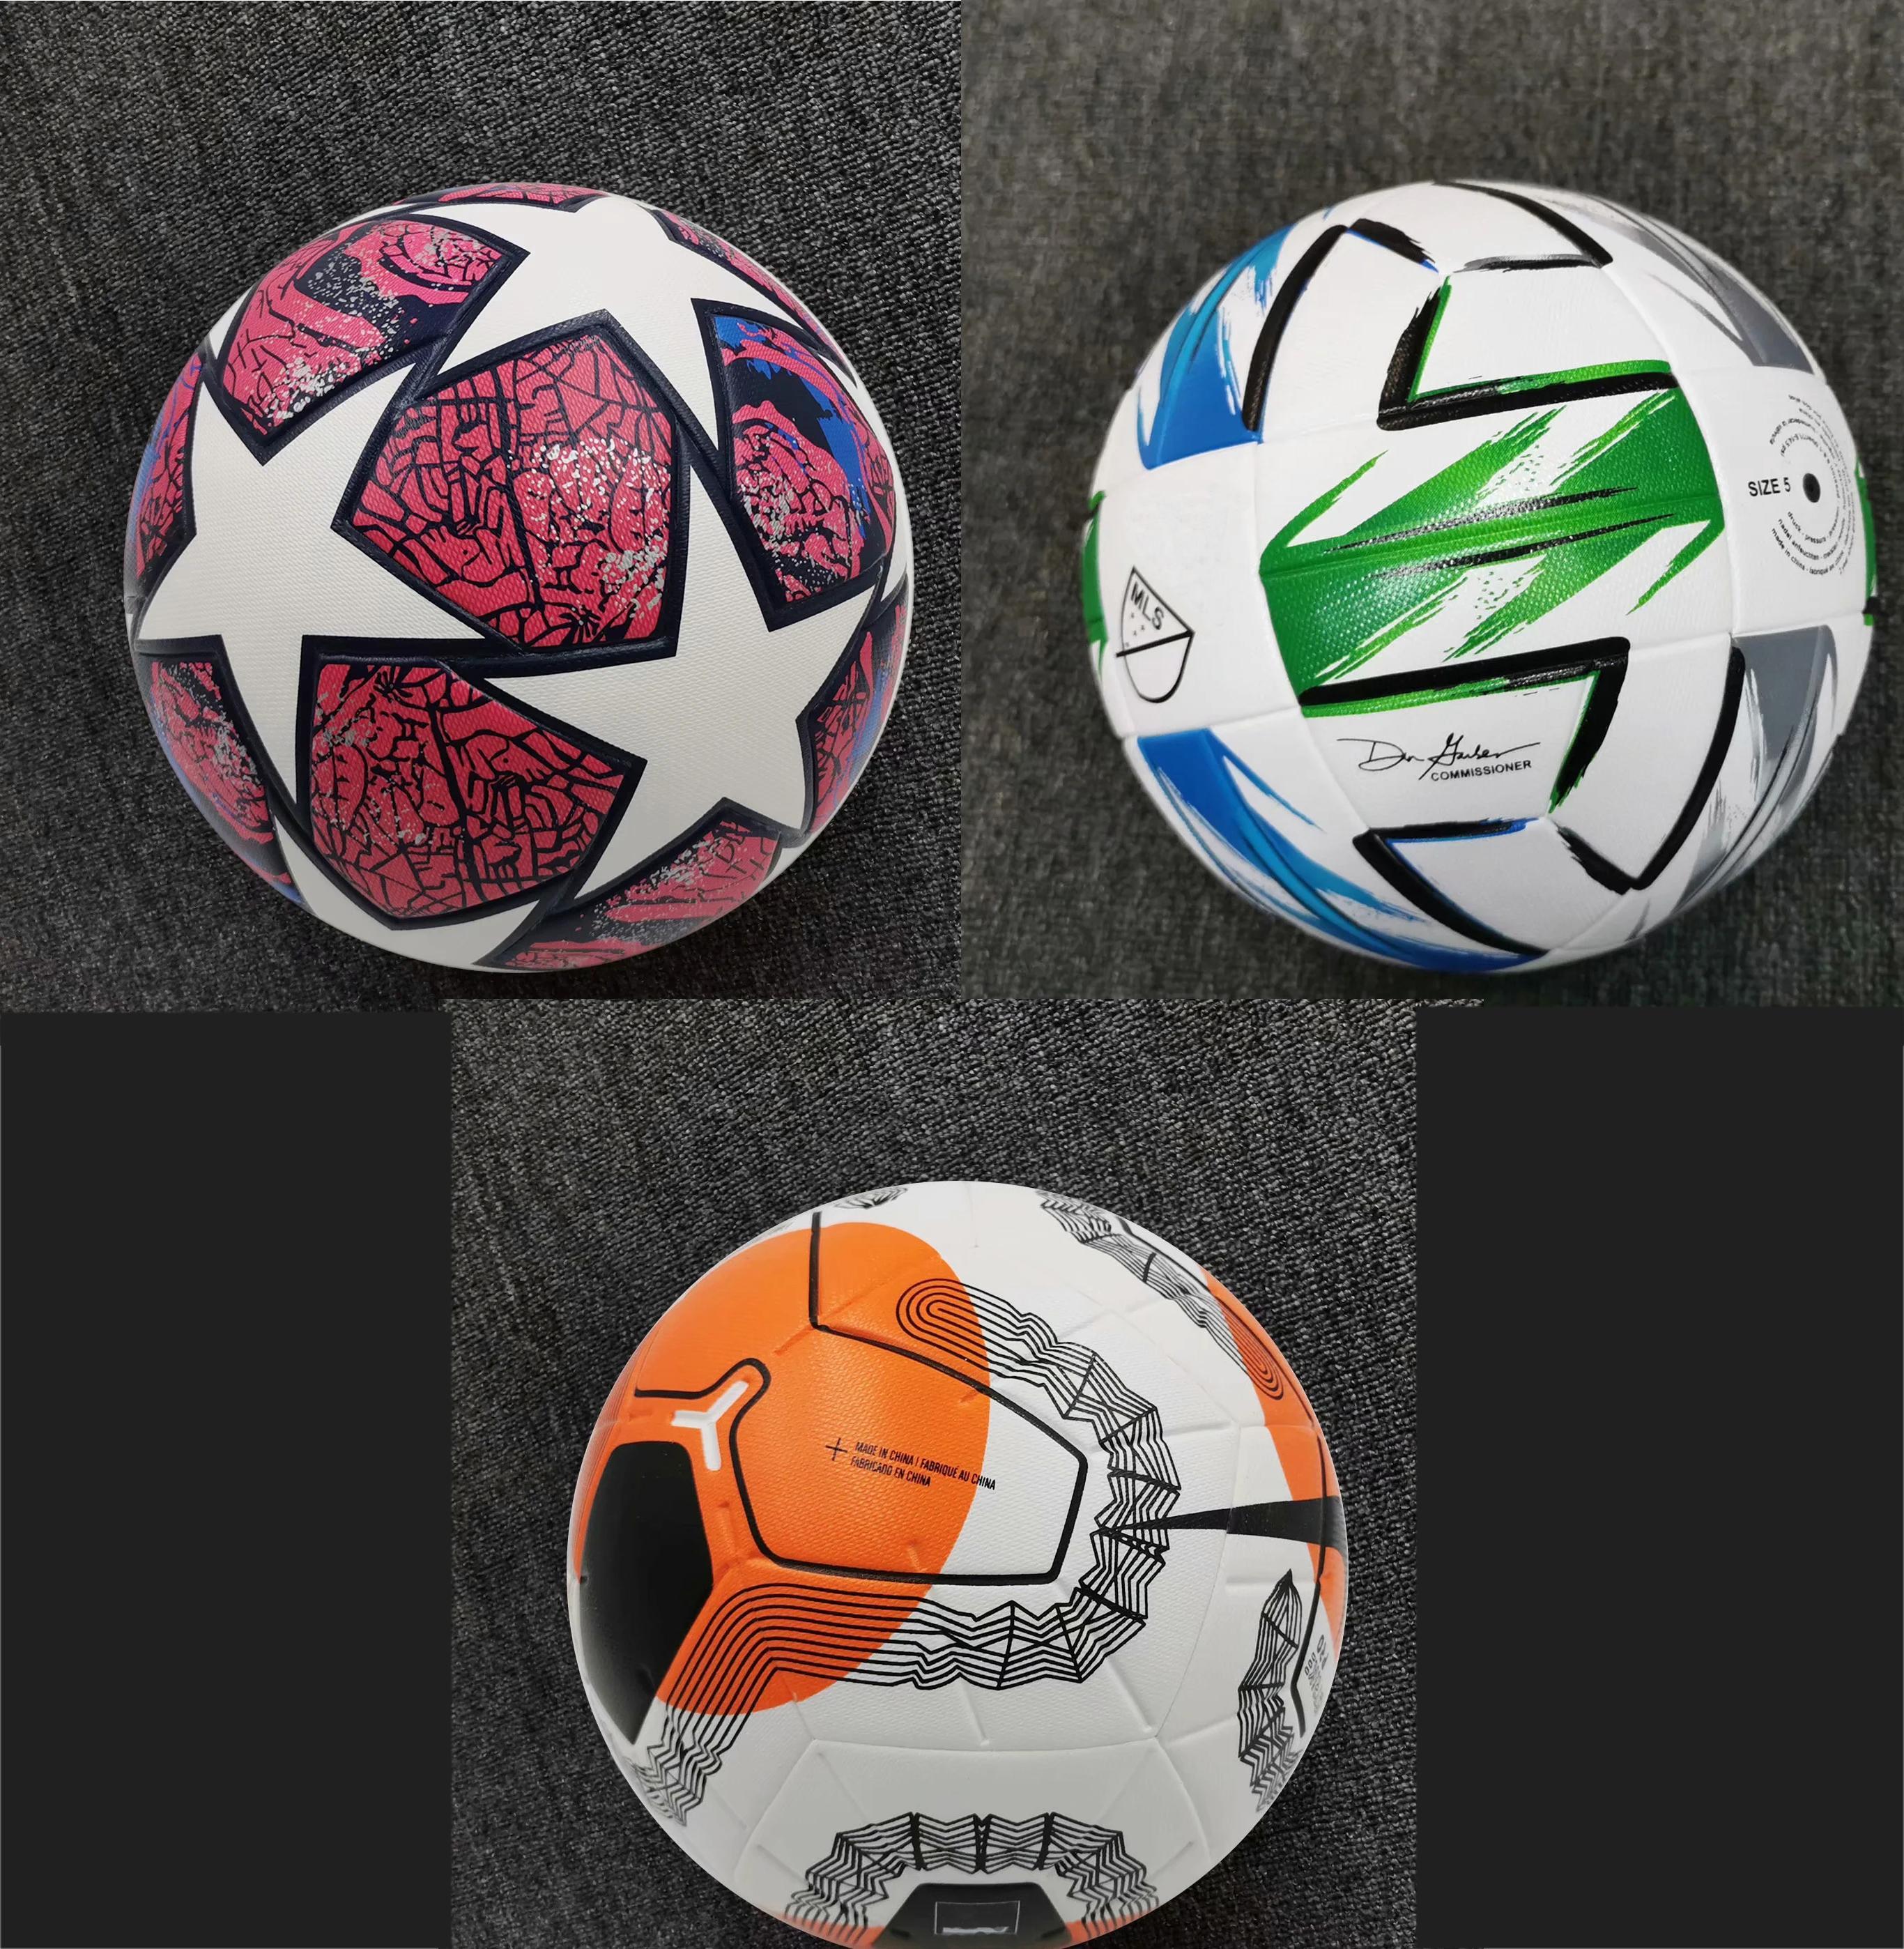 2020 فرانكلين الرياضية لكرة القدم MLS شارة كرة القدم كبريات جامعة الأمريكية آلة الخياطة التدريب PU لعبة كرة القدم الكرة